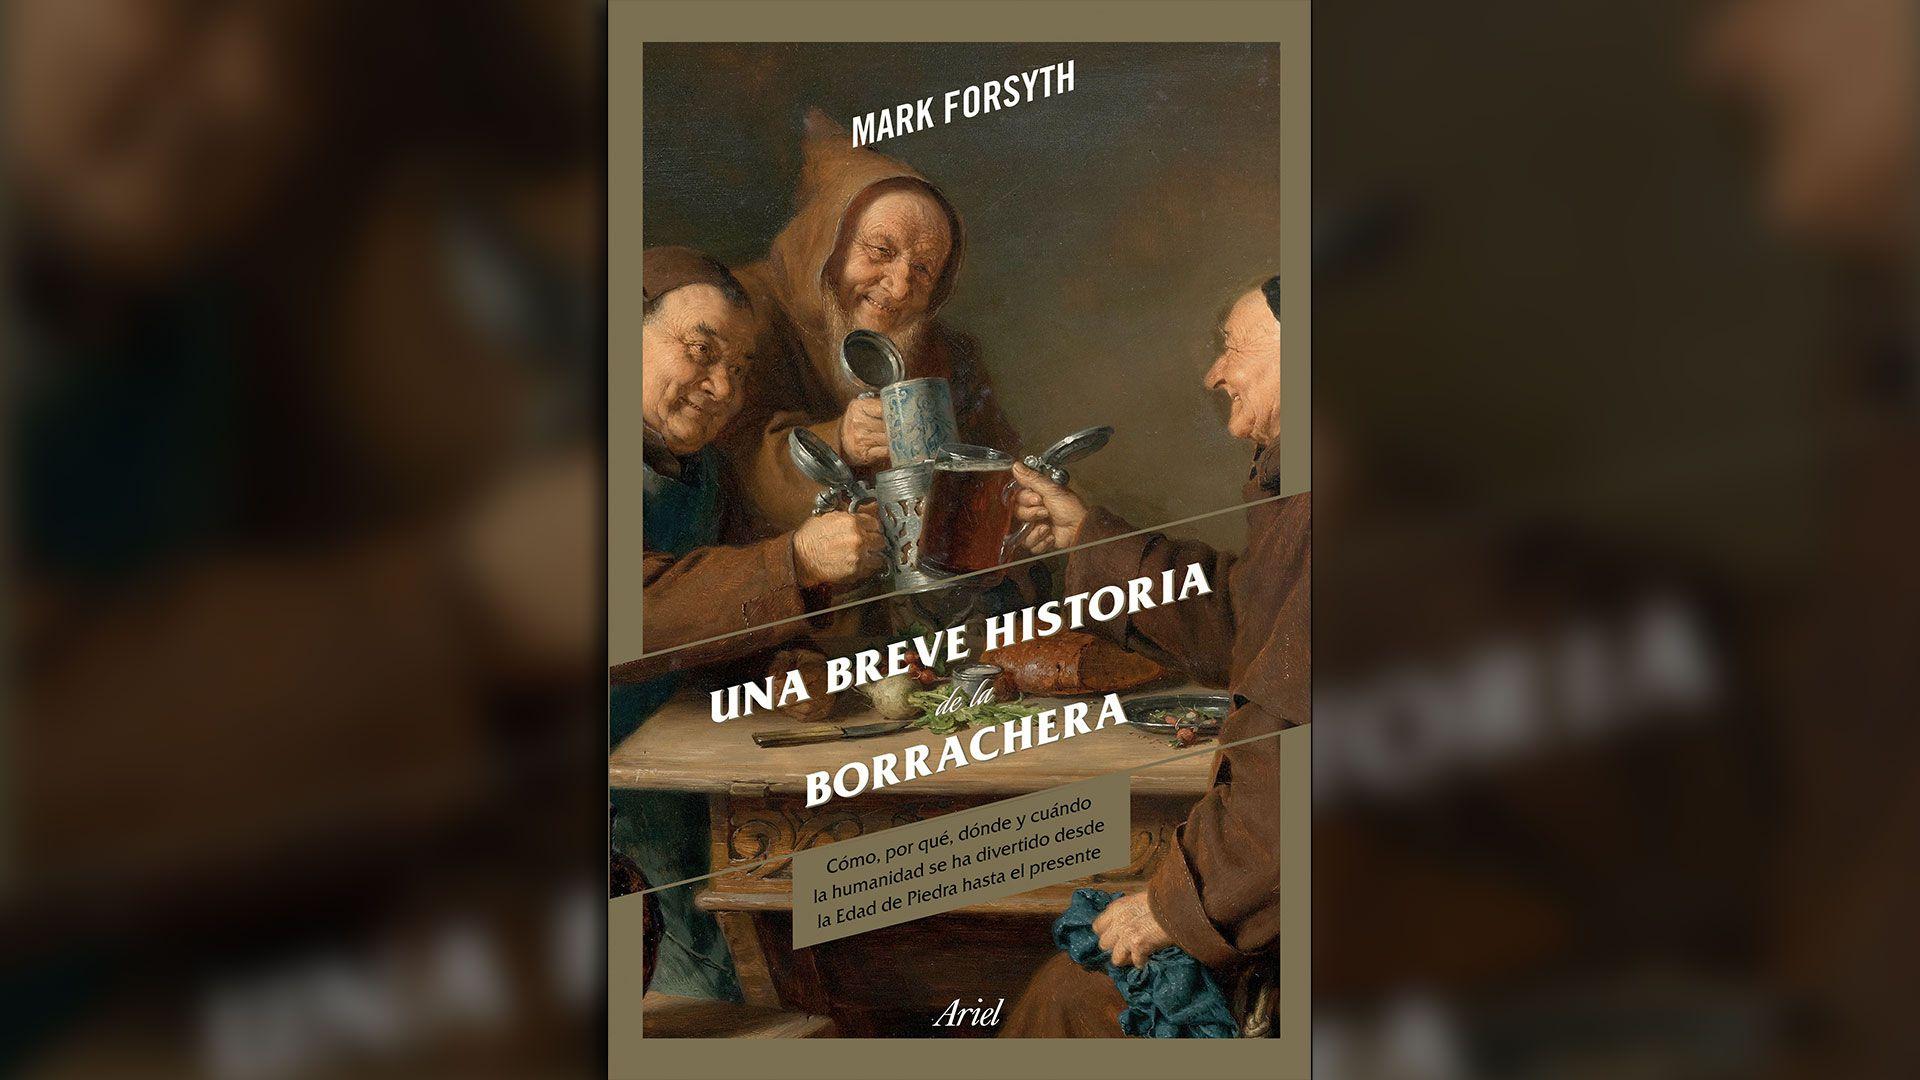 """""""Una breve historia de la borrachera"""" (Ariel), por Mark Forsyth"""